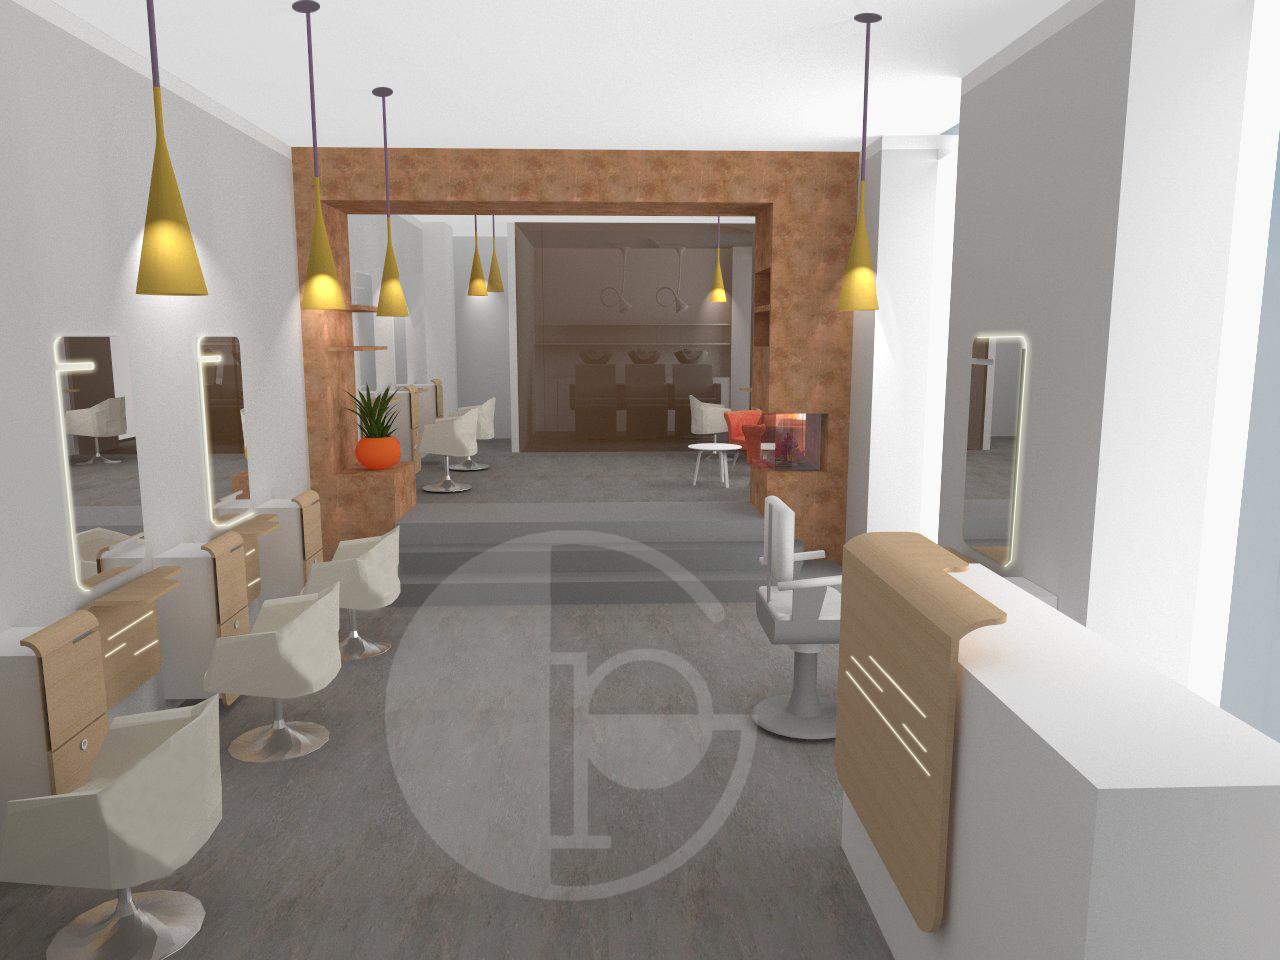 Luci per negozi di parrucchieri impianto elettrico negozio modena